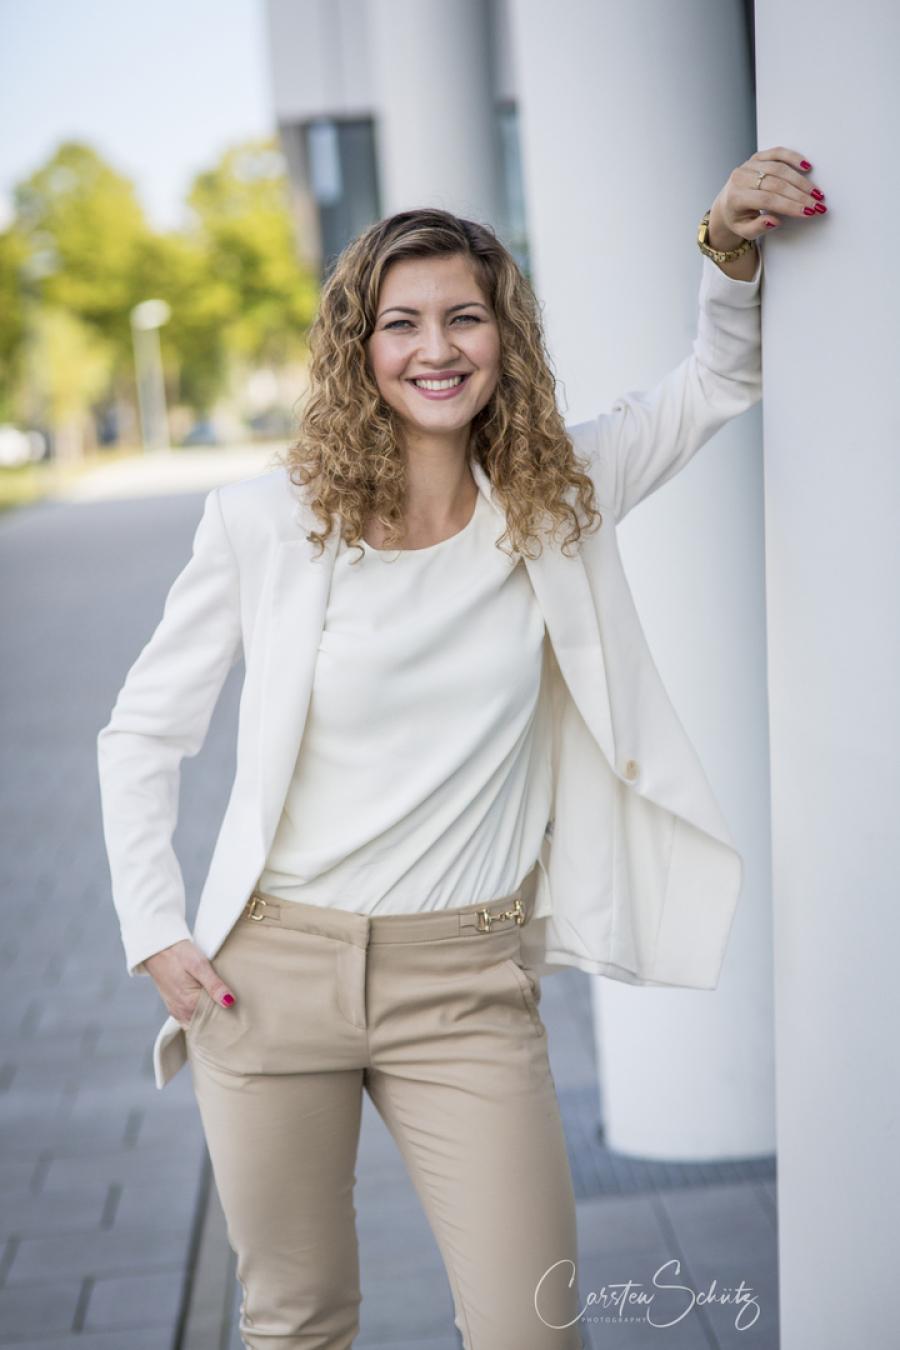 Professionelle Bewerbungsbilder Augsburg